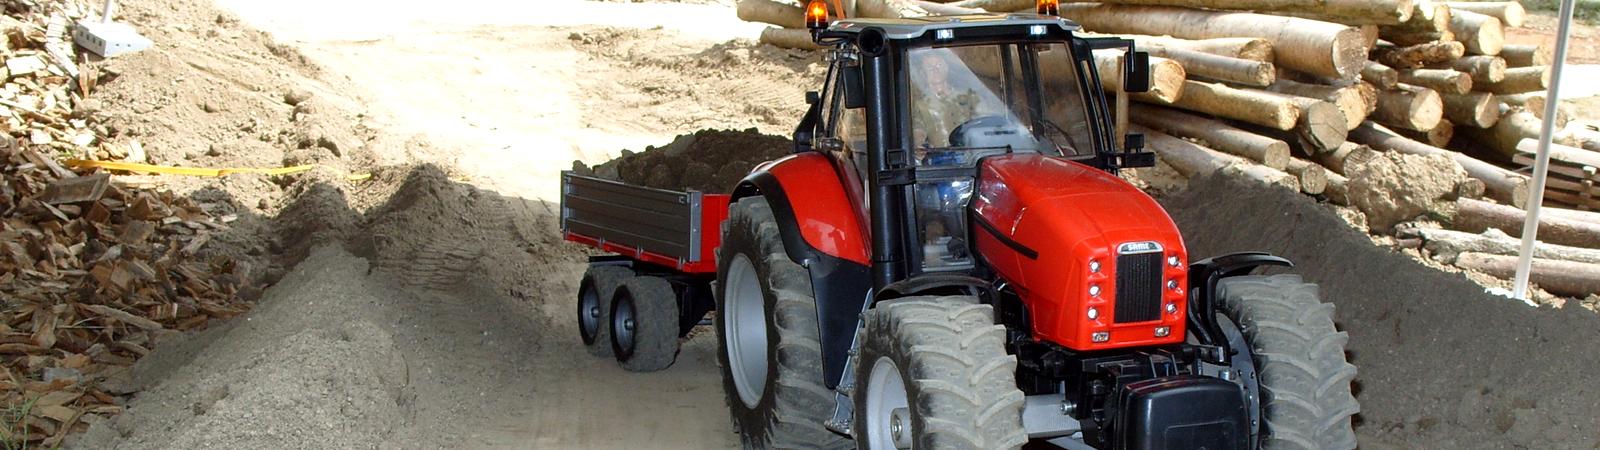 rc-traktor-schweiz.com